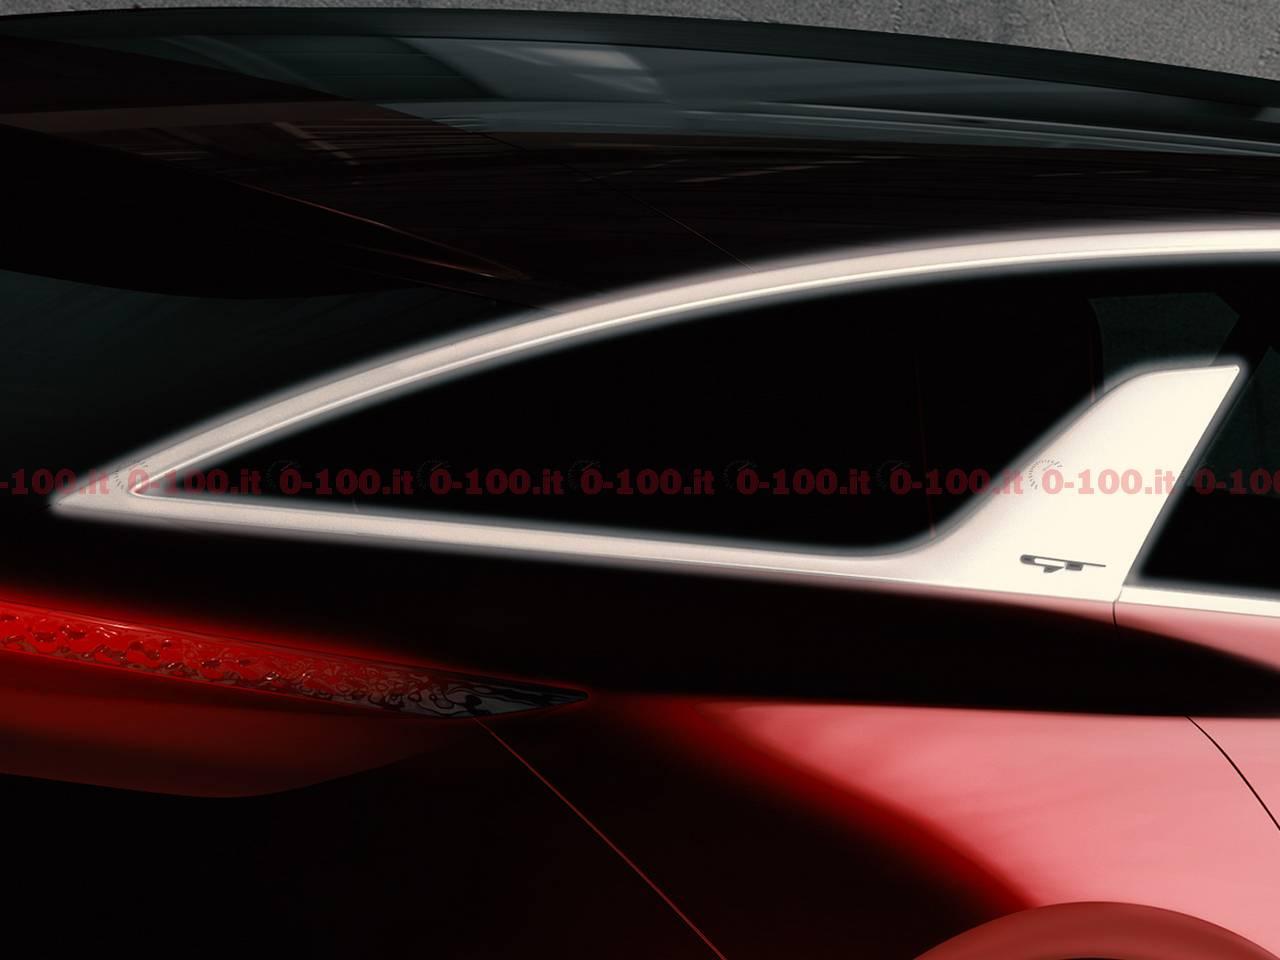 KIA-GT-Concept-Cee-d_iaa-2017_0-100-4